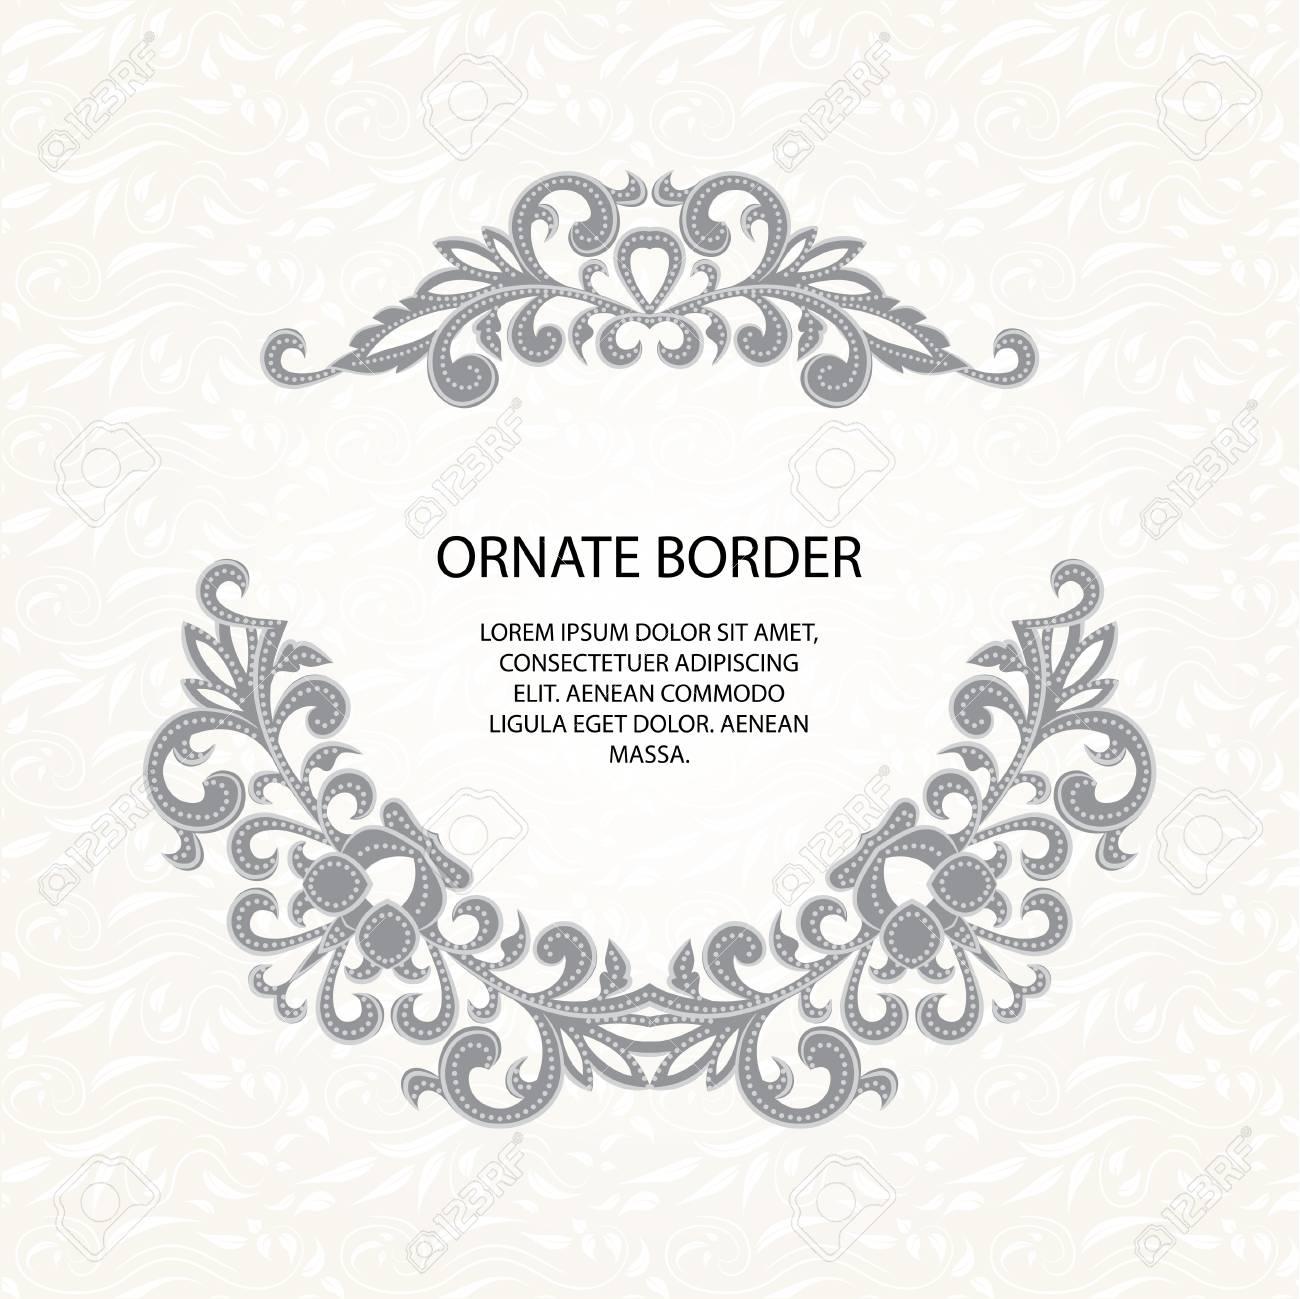 Bordes Decorativos Y Patrón Clásico Página De Diseño Gráfico Invitación De Boda Plantilla Para Tarjetas De Felicitación Invitaciones Menús